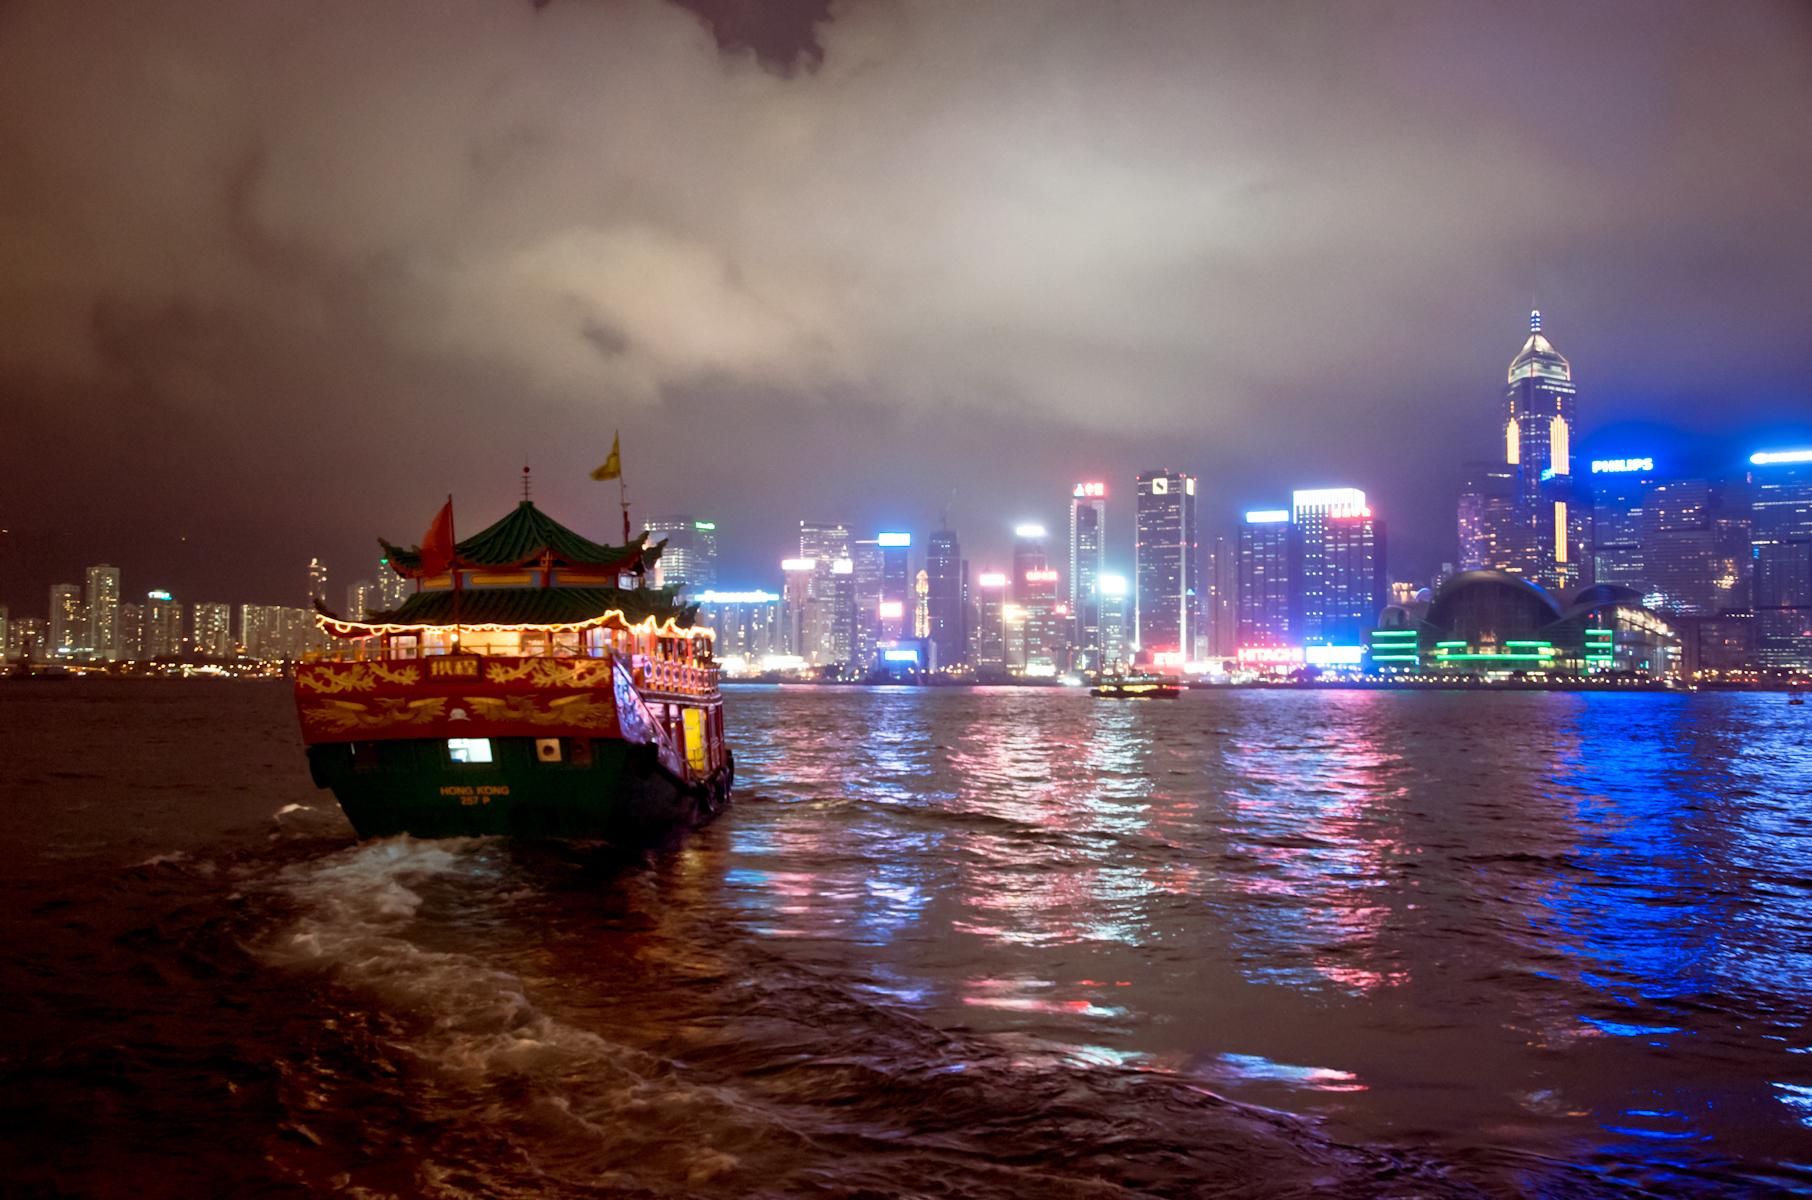 Into the Hong Kong night